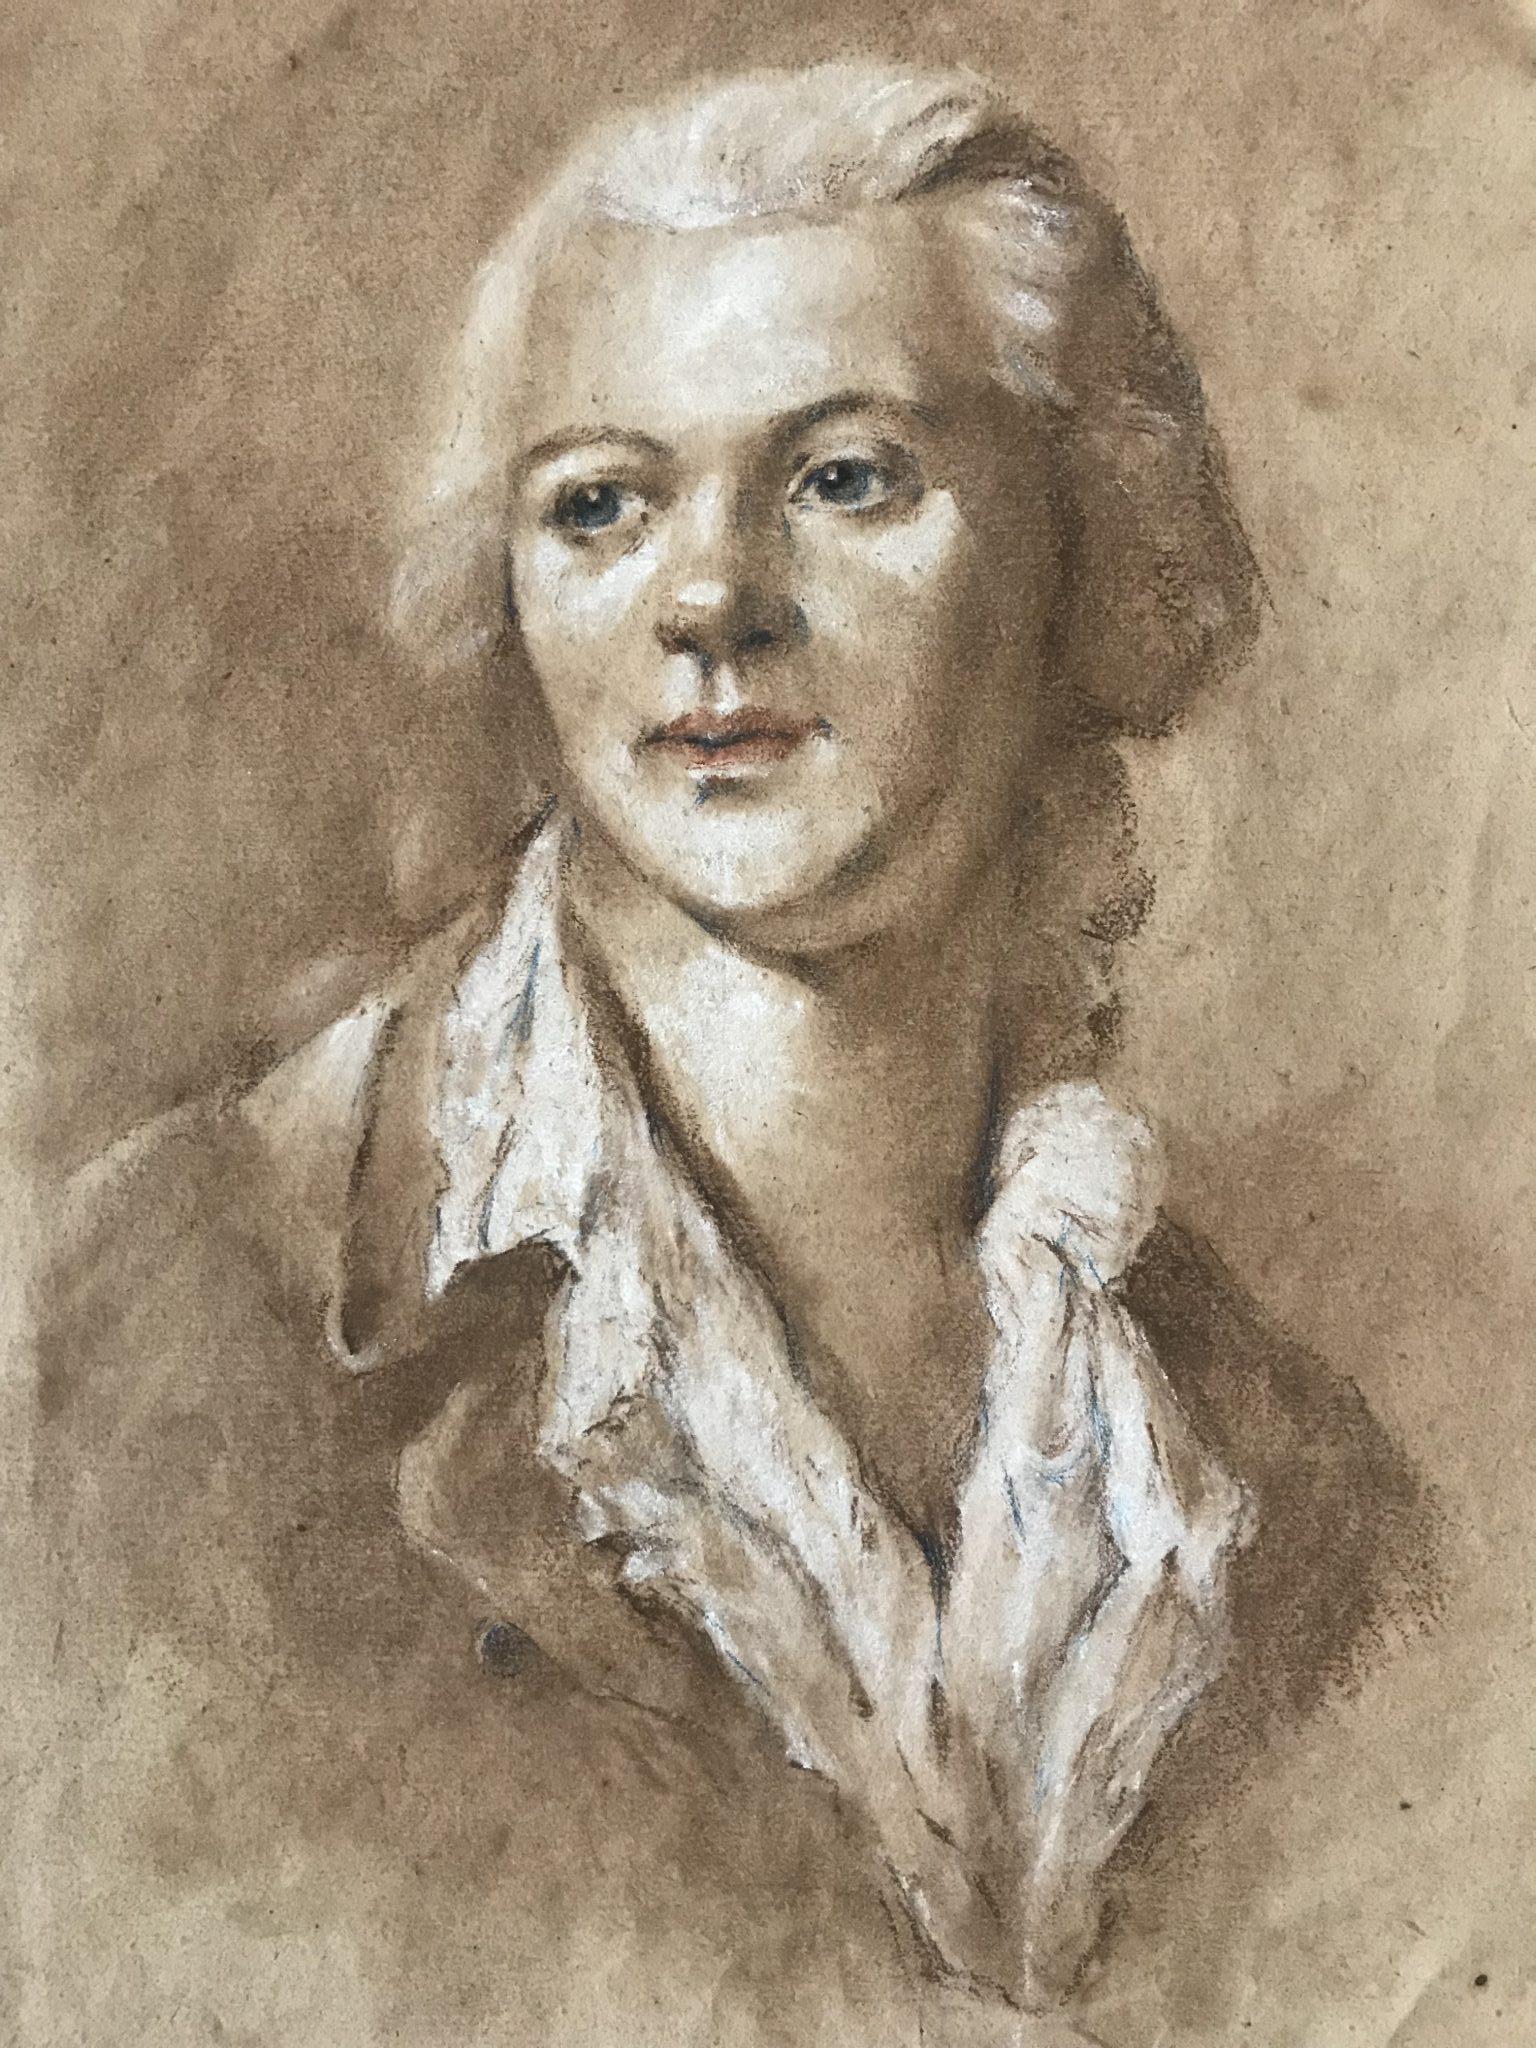 Portrait d'un homme XVIIIème